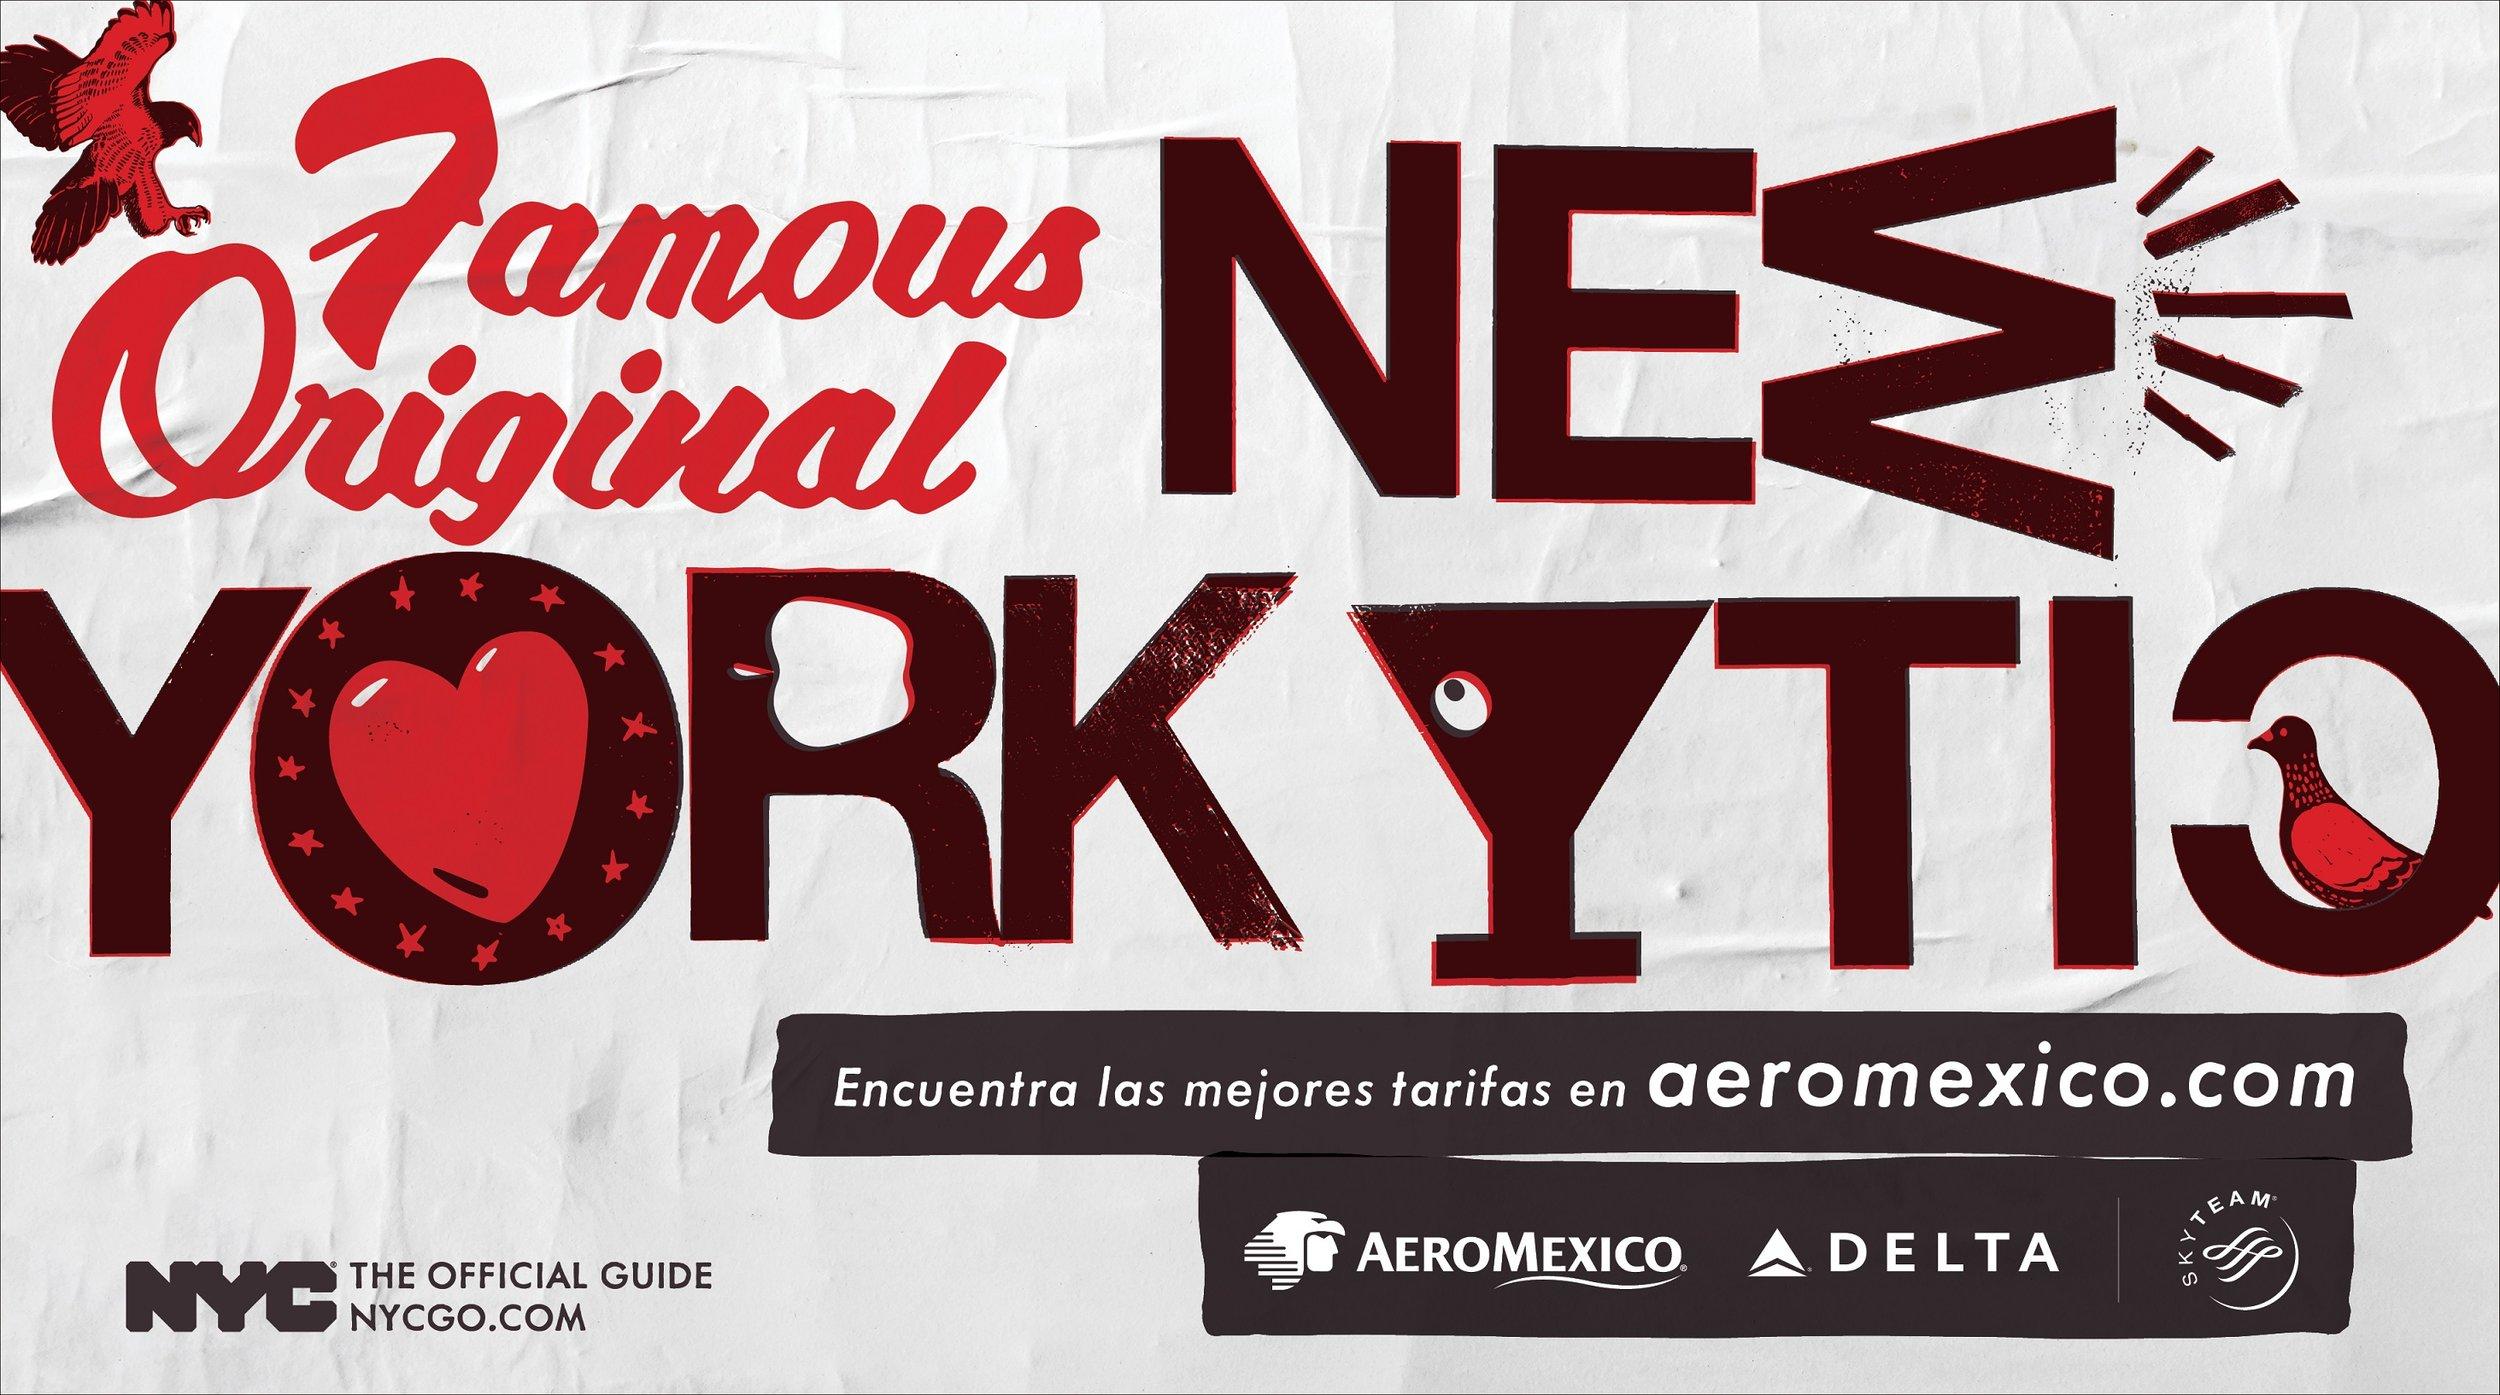 Mexico_Billboard_ True York City nov 2017 LR (1).jpg